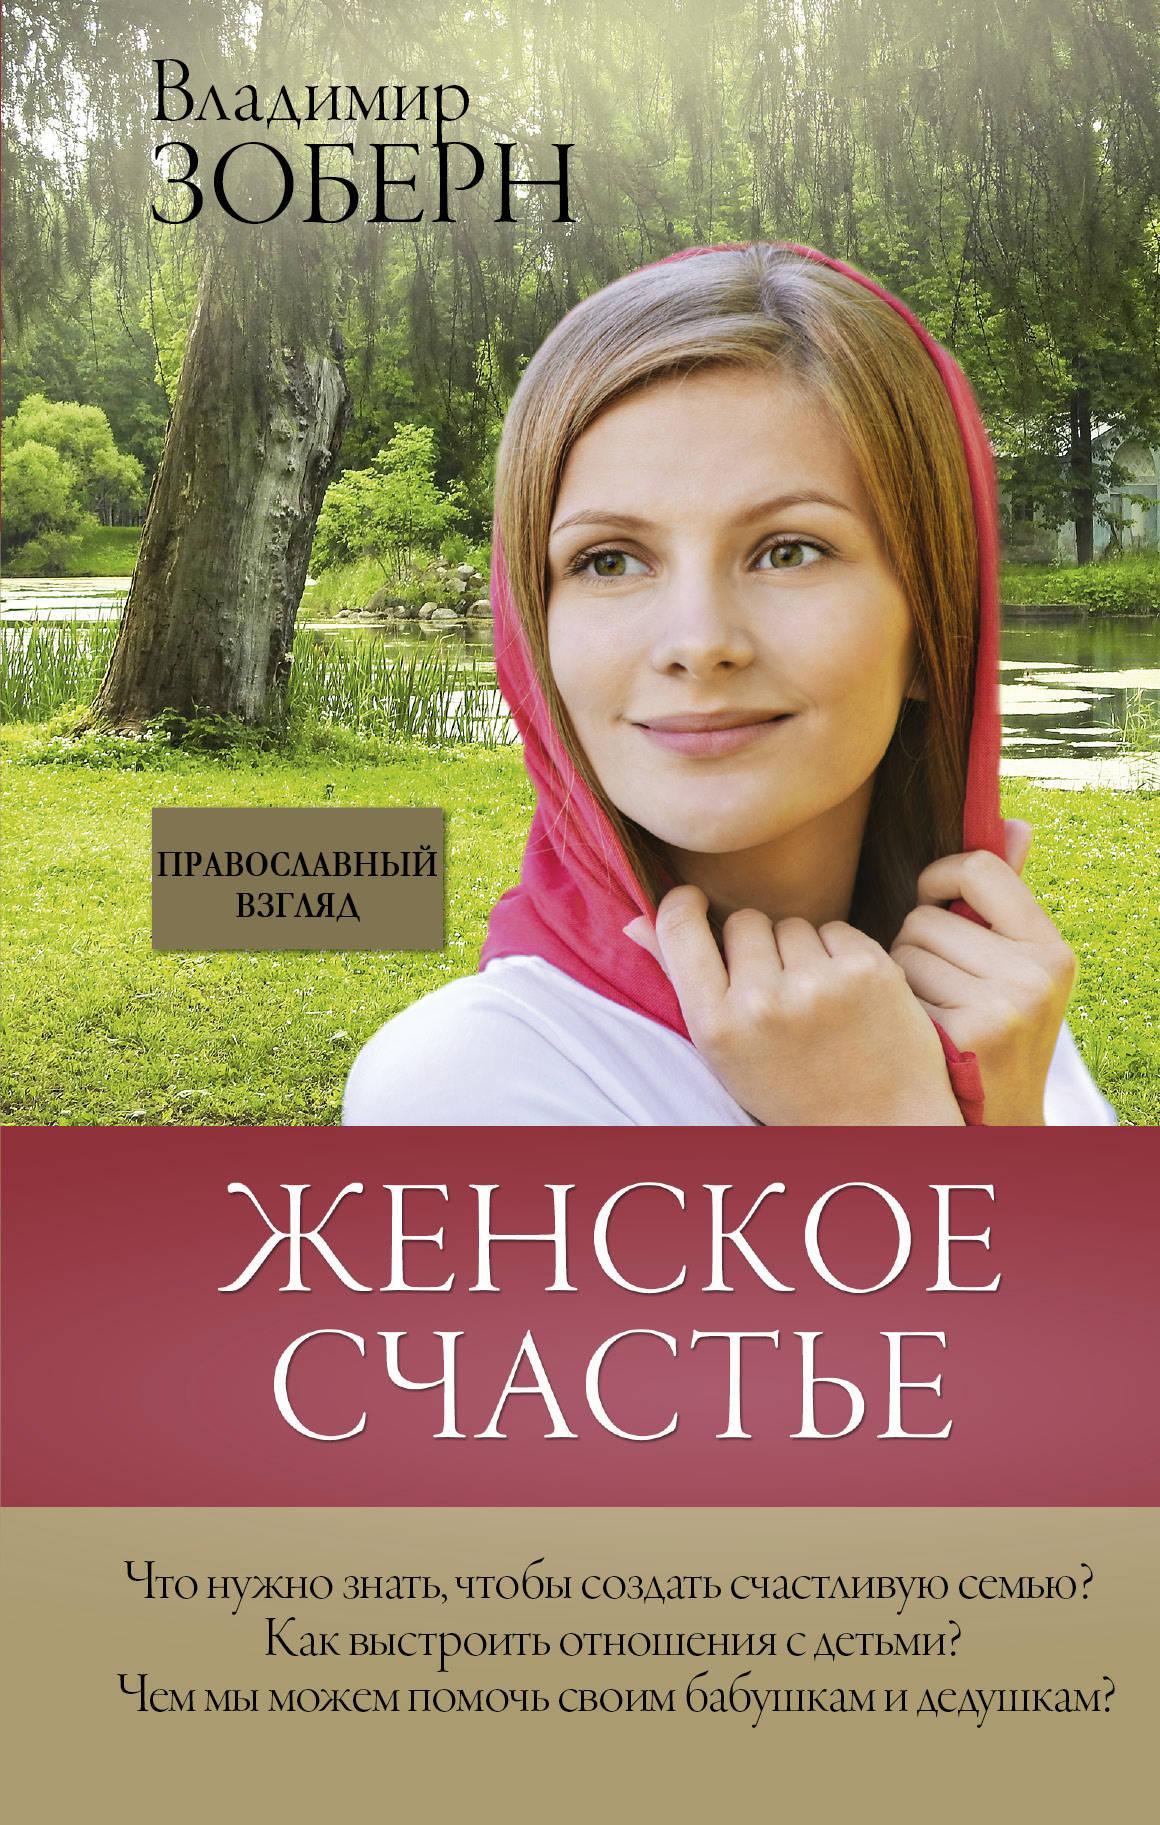 Женское счастье. Православный взгляд ( Зоберн В.М.  )